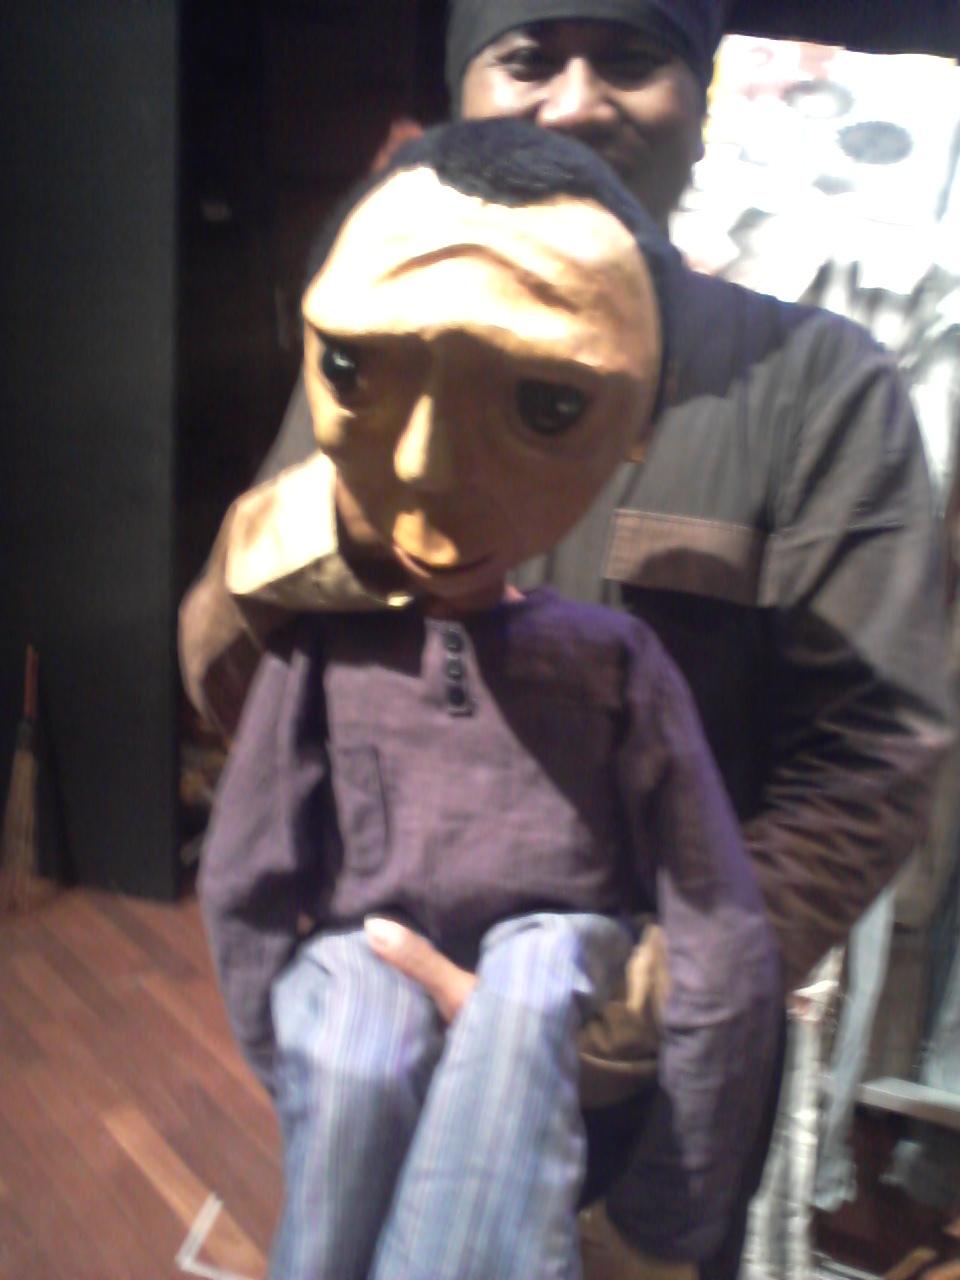 Mwathirika Boneka Panggung Orang Anak Laki Anton Haki